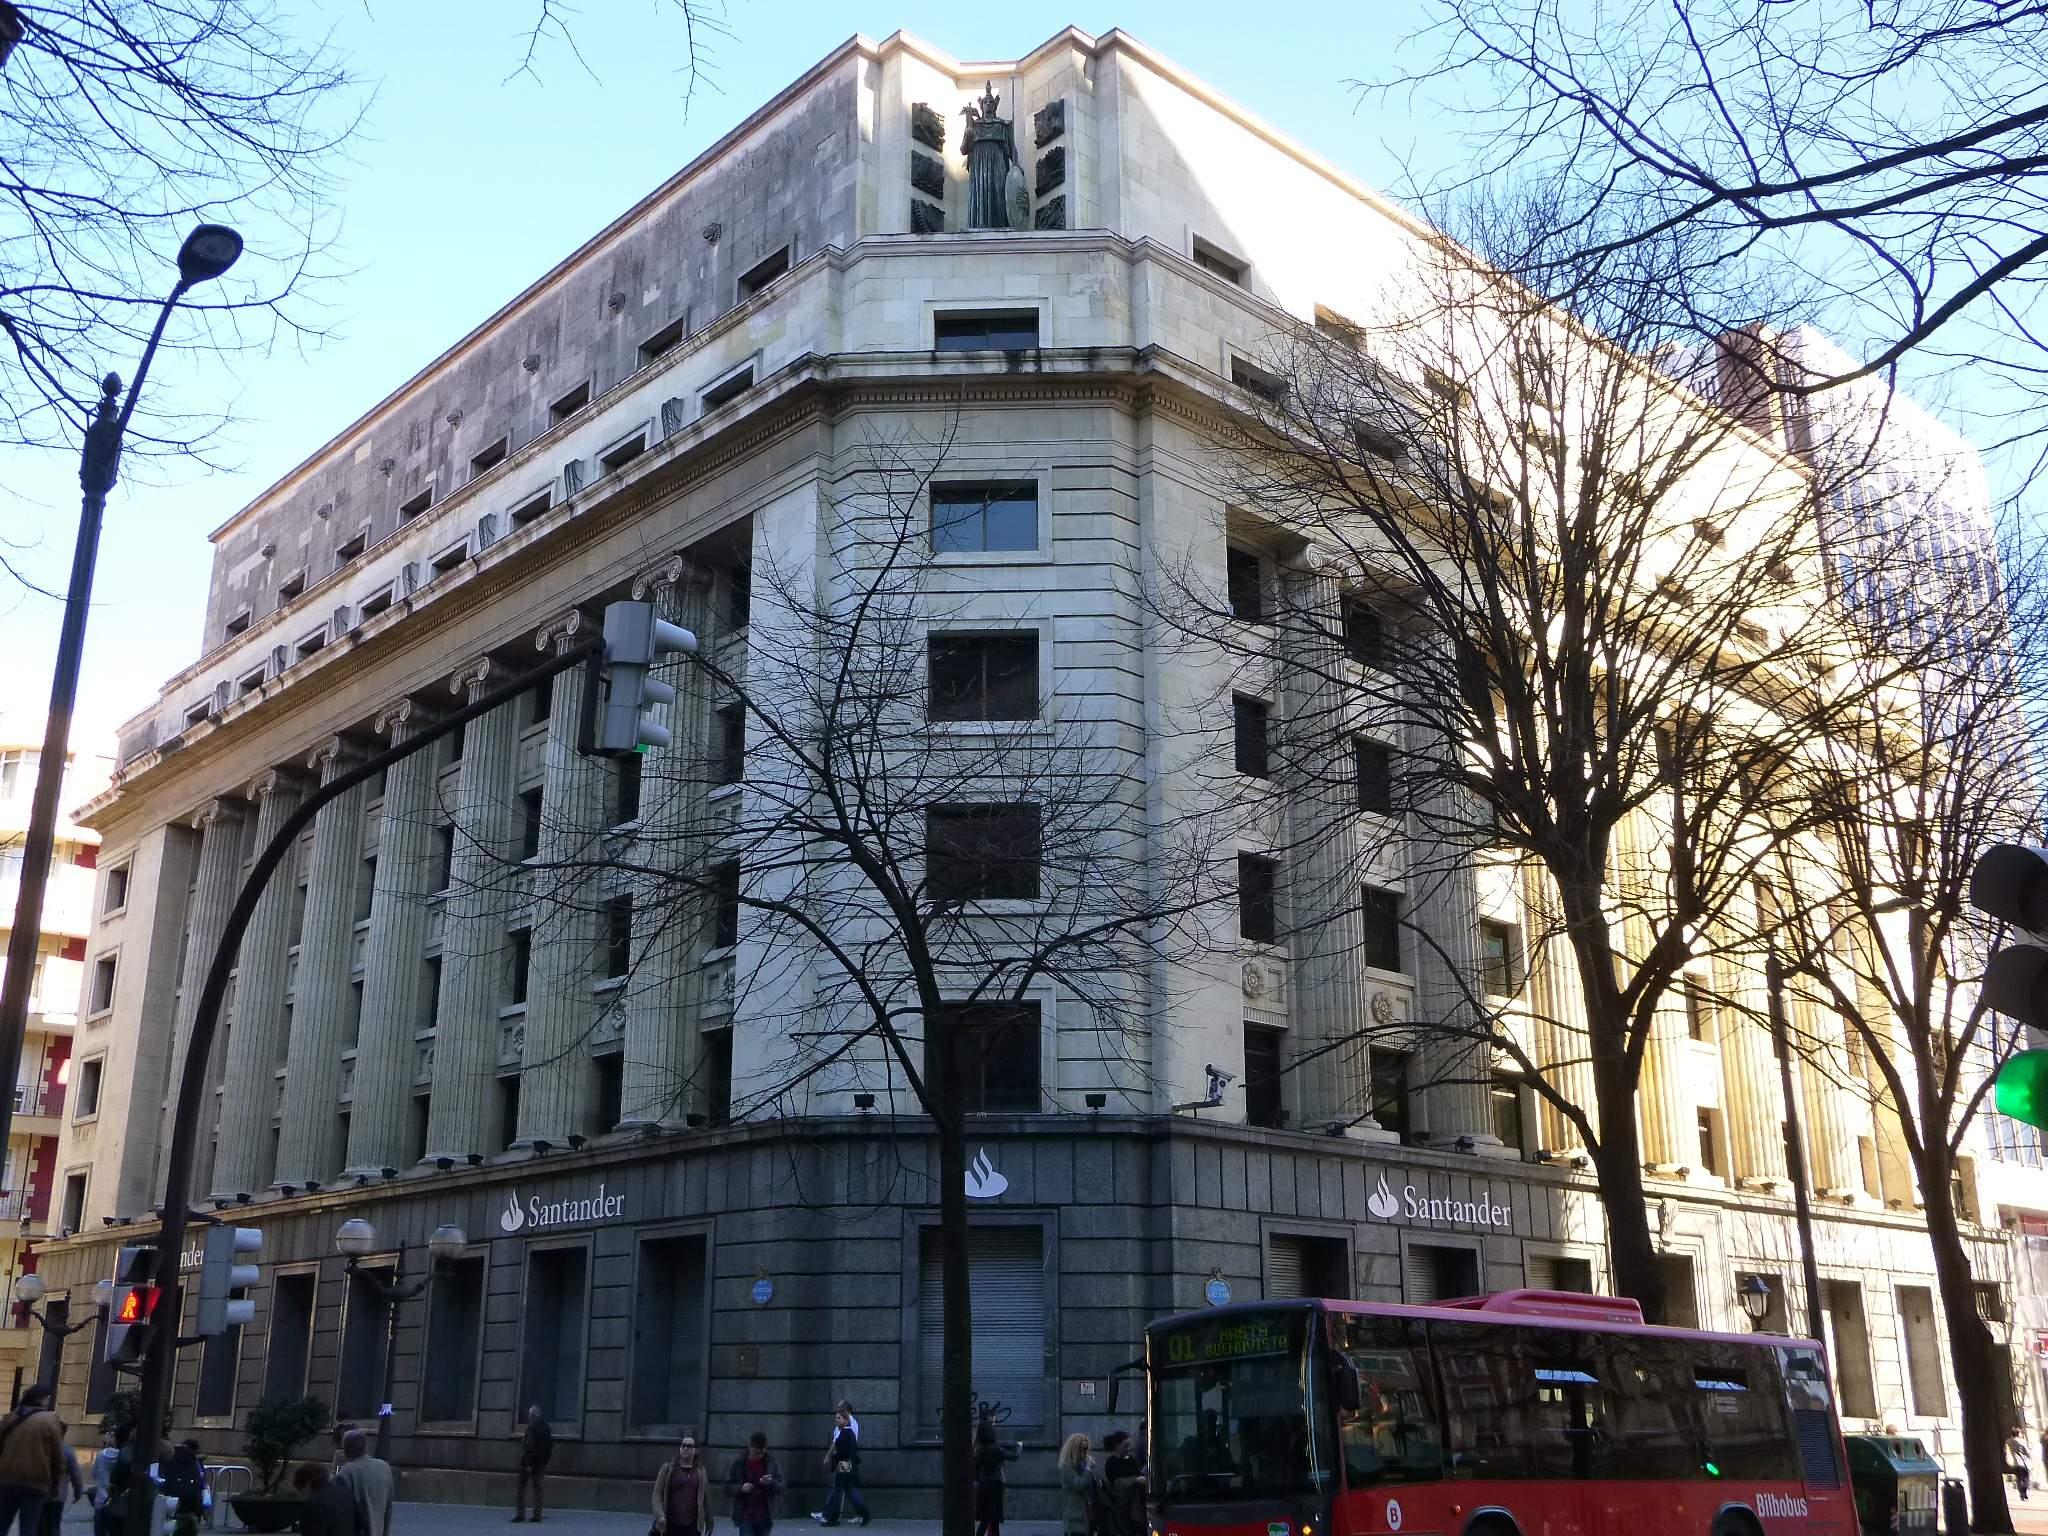 Archivo bilbao banco de santander wikipedia la for Oficinas santander bilbao